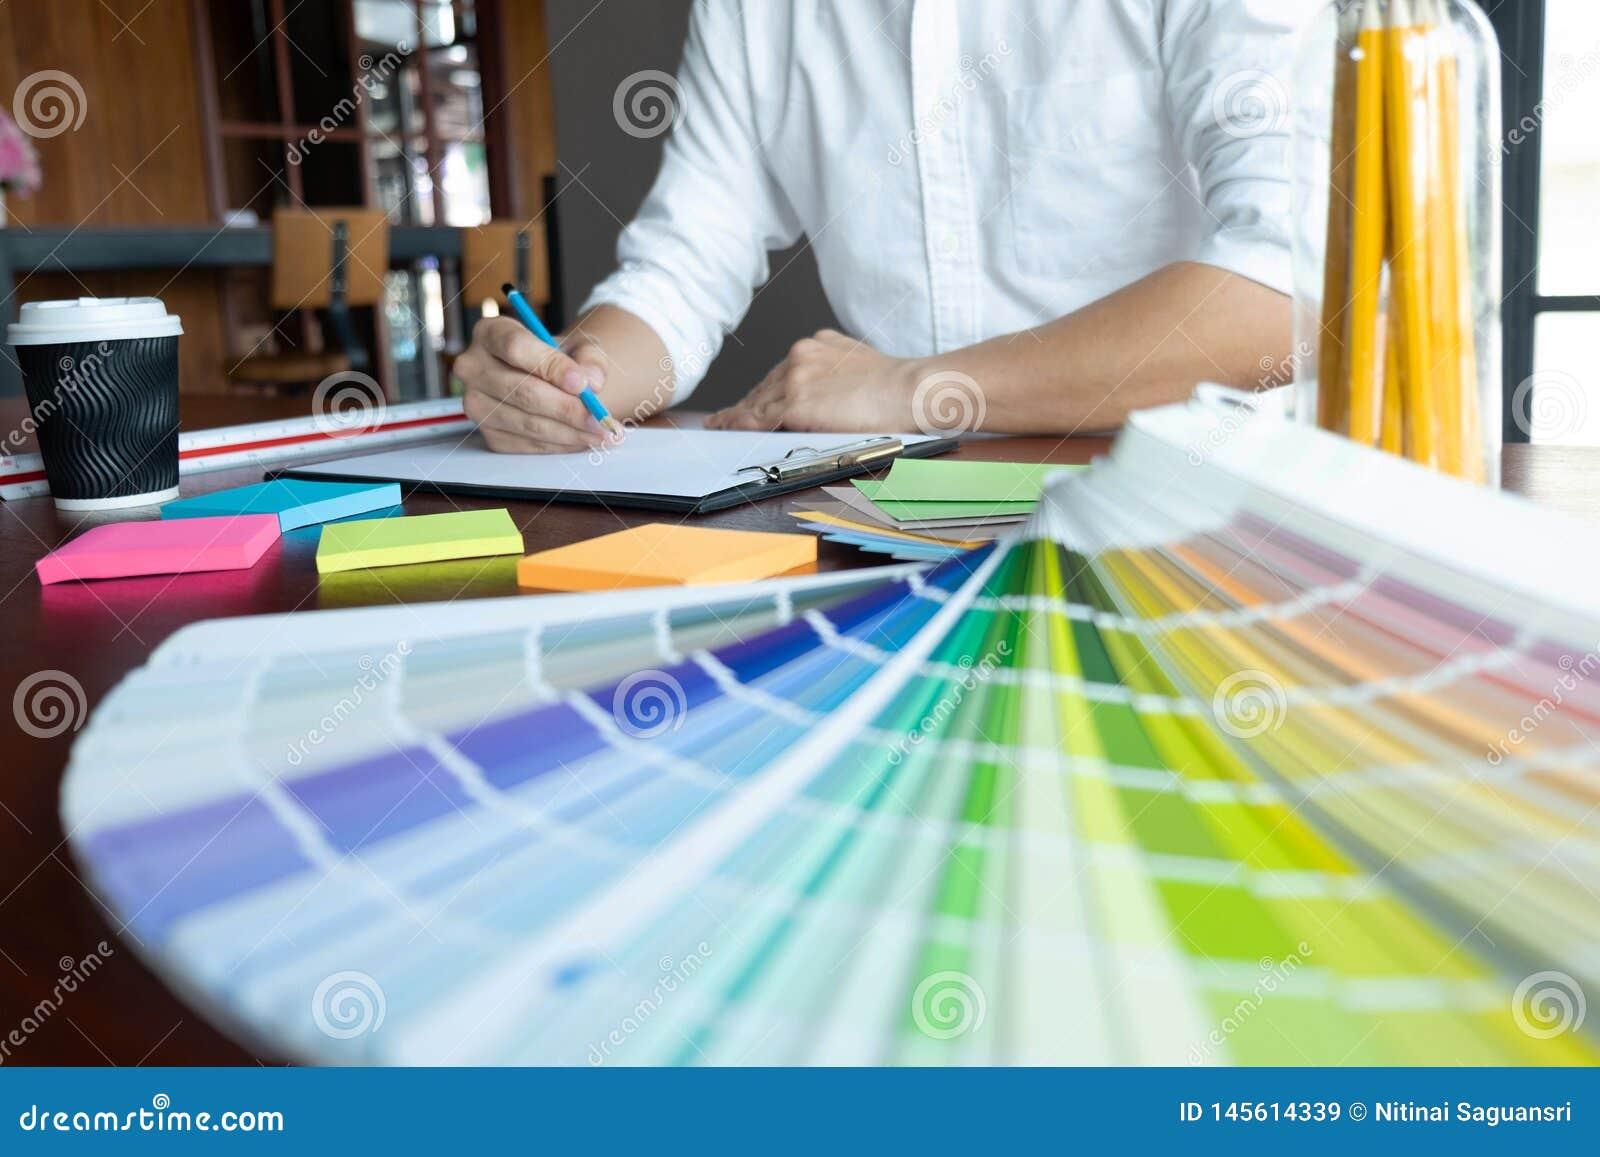 在颜色美好的颜色,各种各样的颜色,颜色口气,颜色比较的创造性的工作